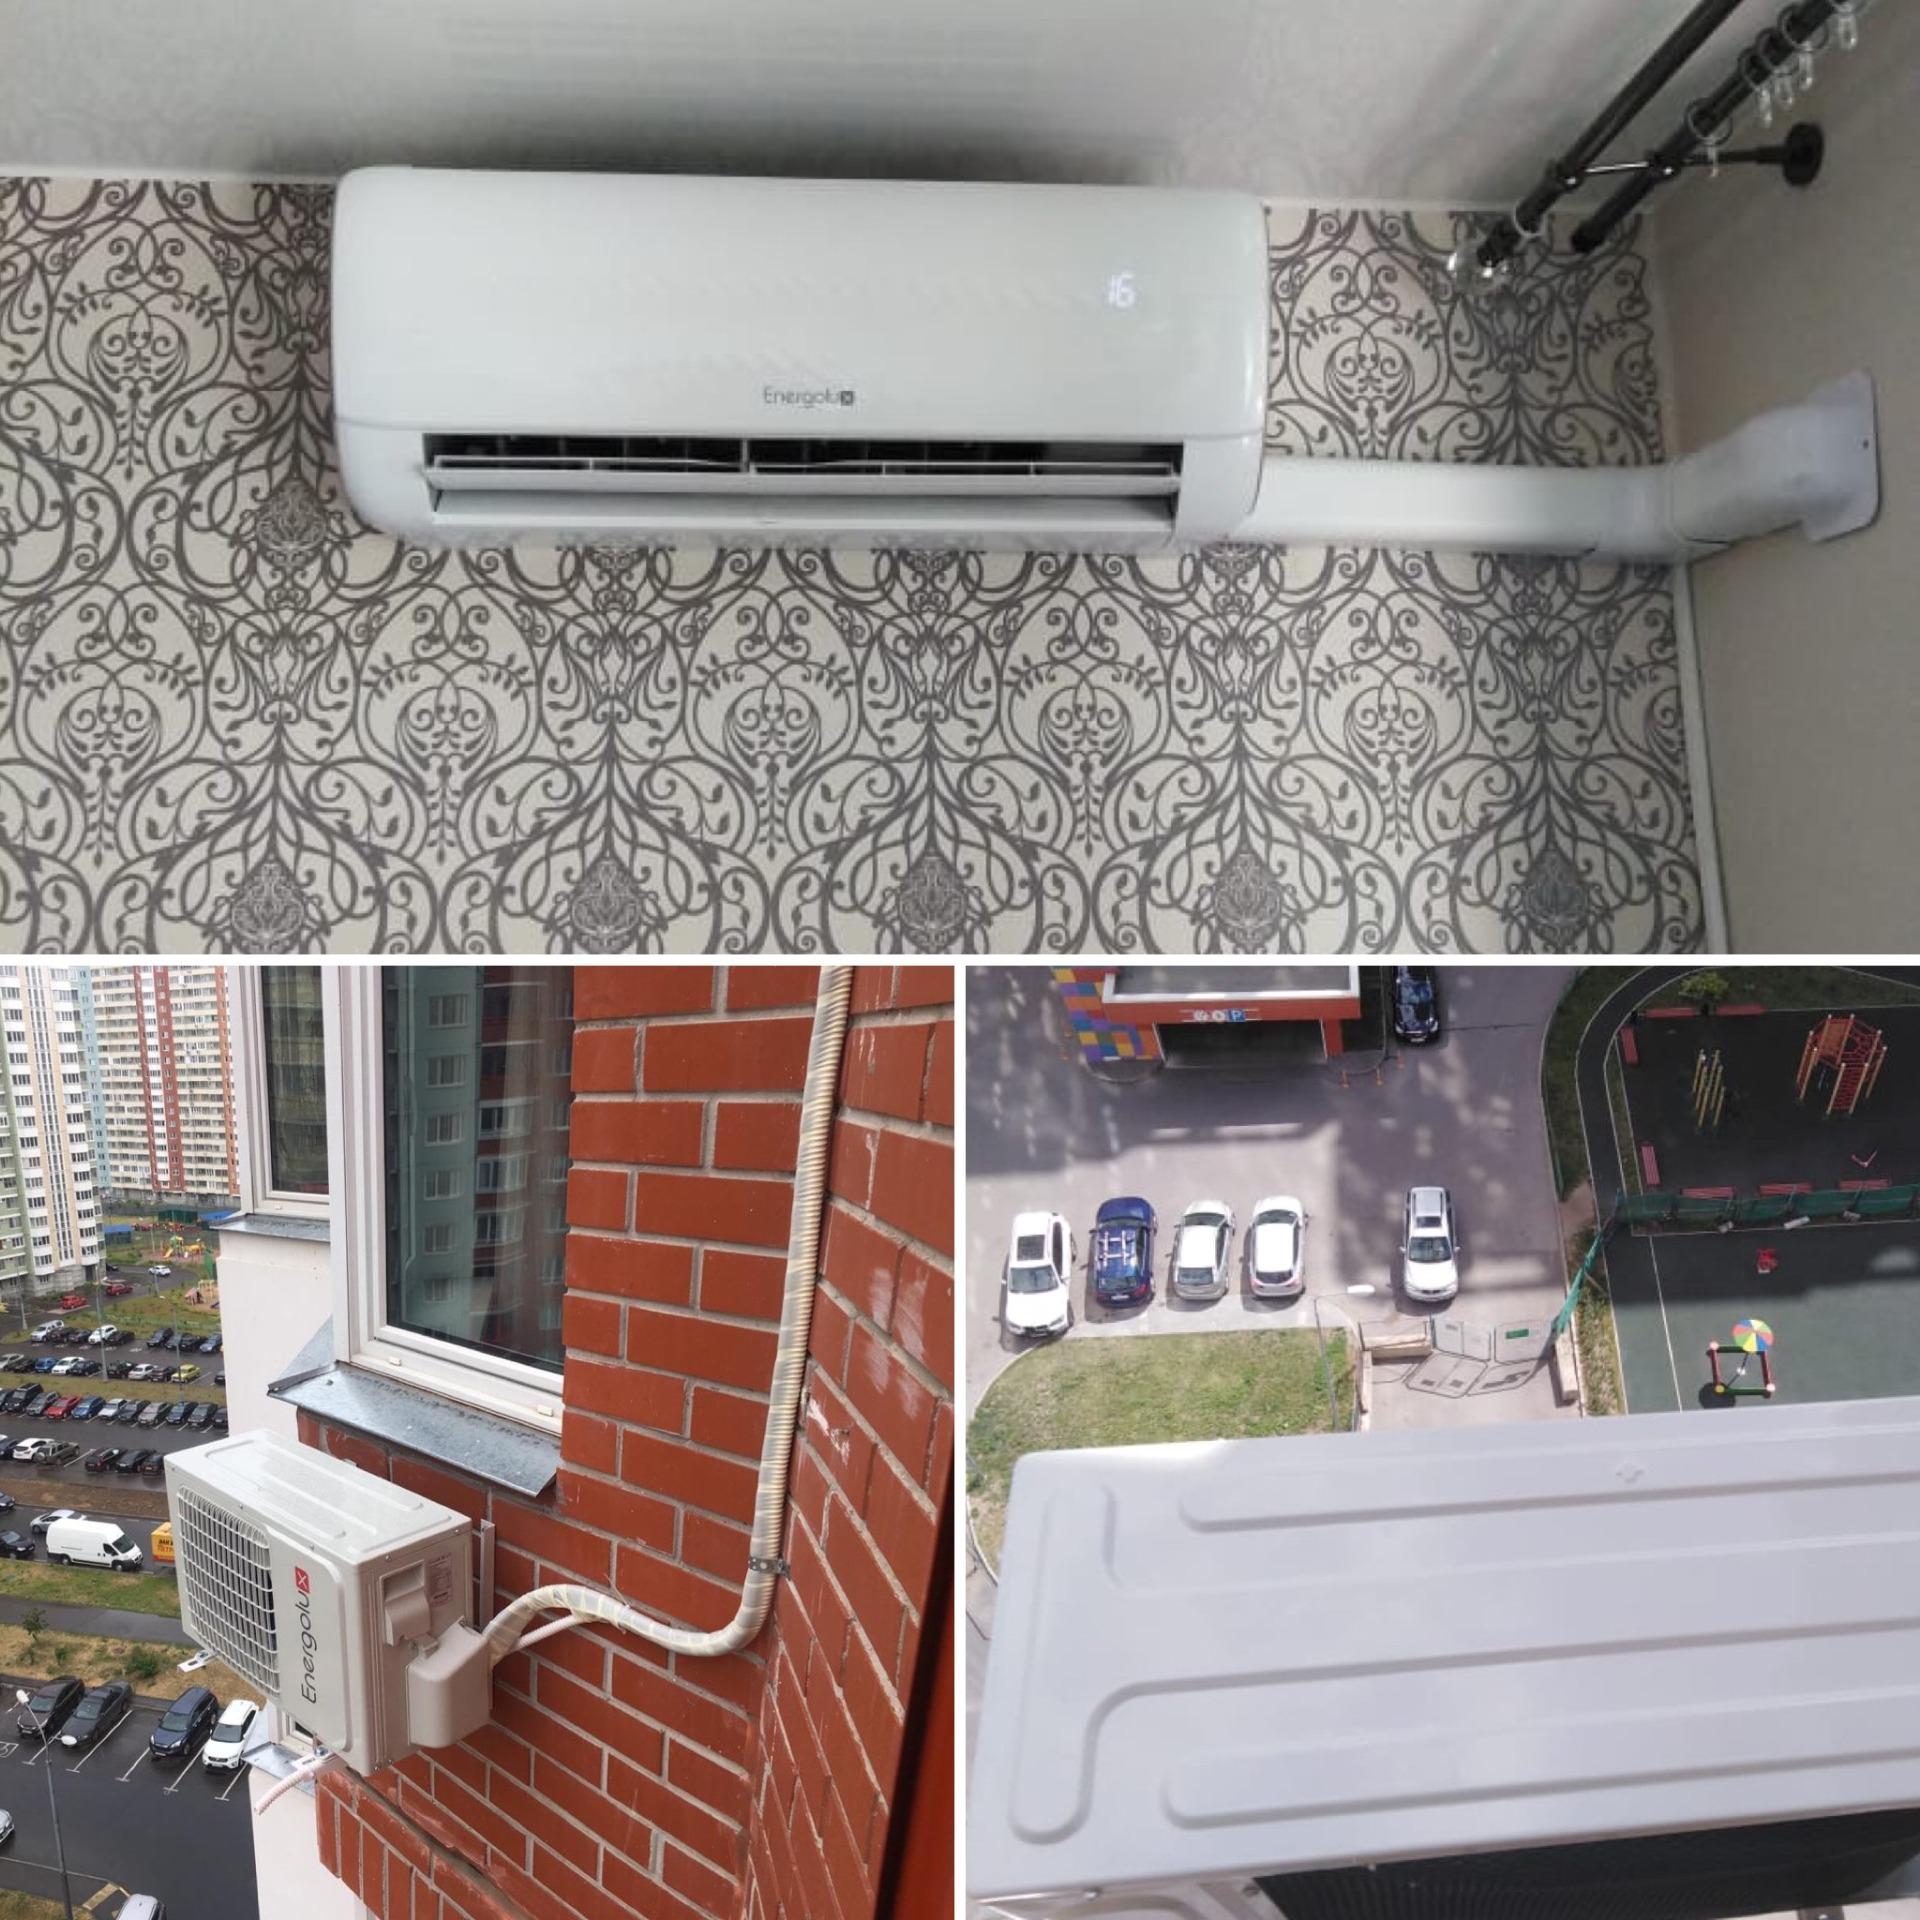 Установка сплит-системы в квартире в один этап